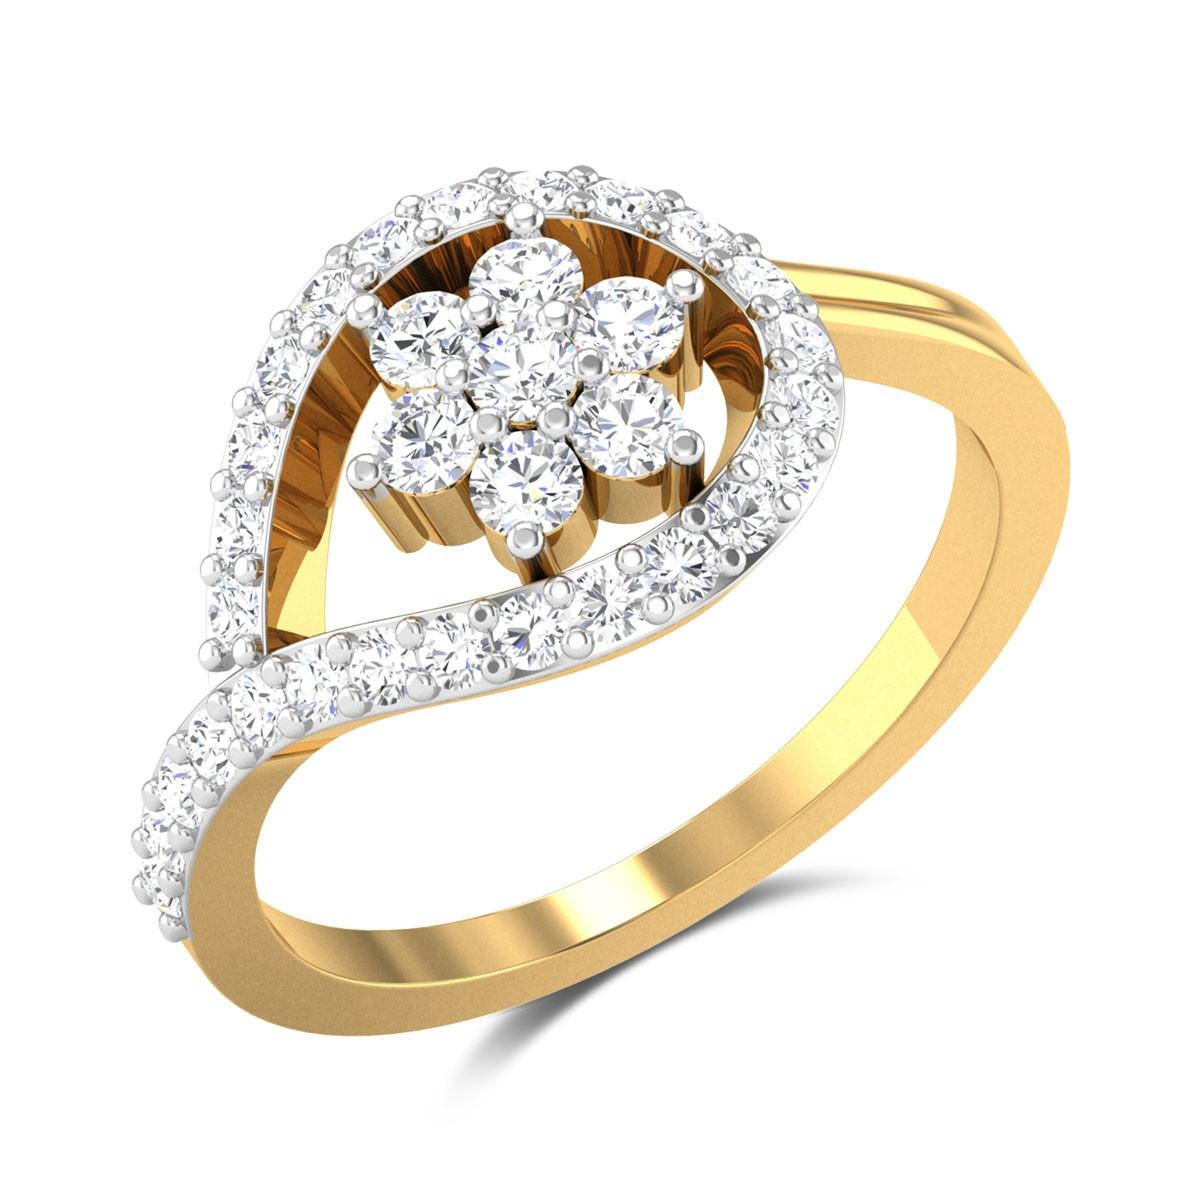 Lambert Wavy Diamond Ring